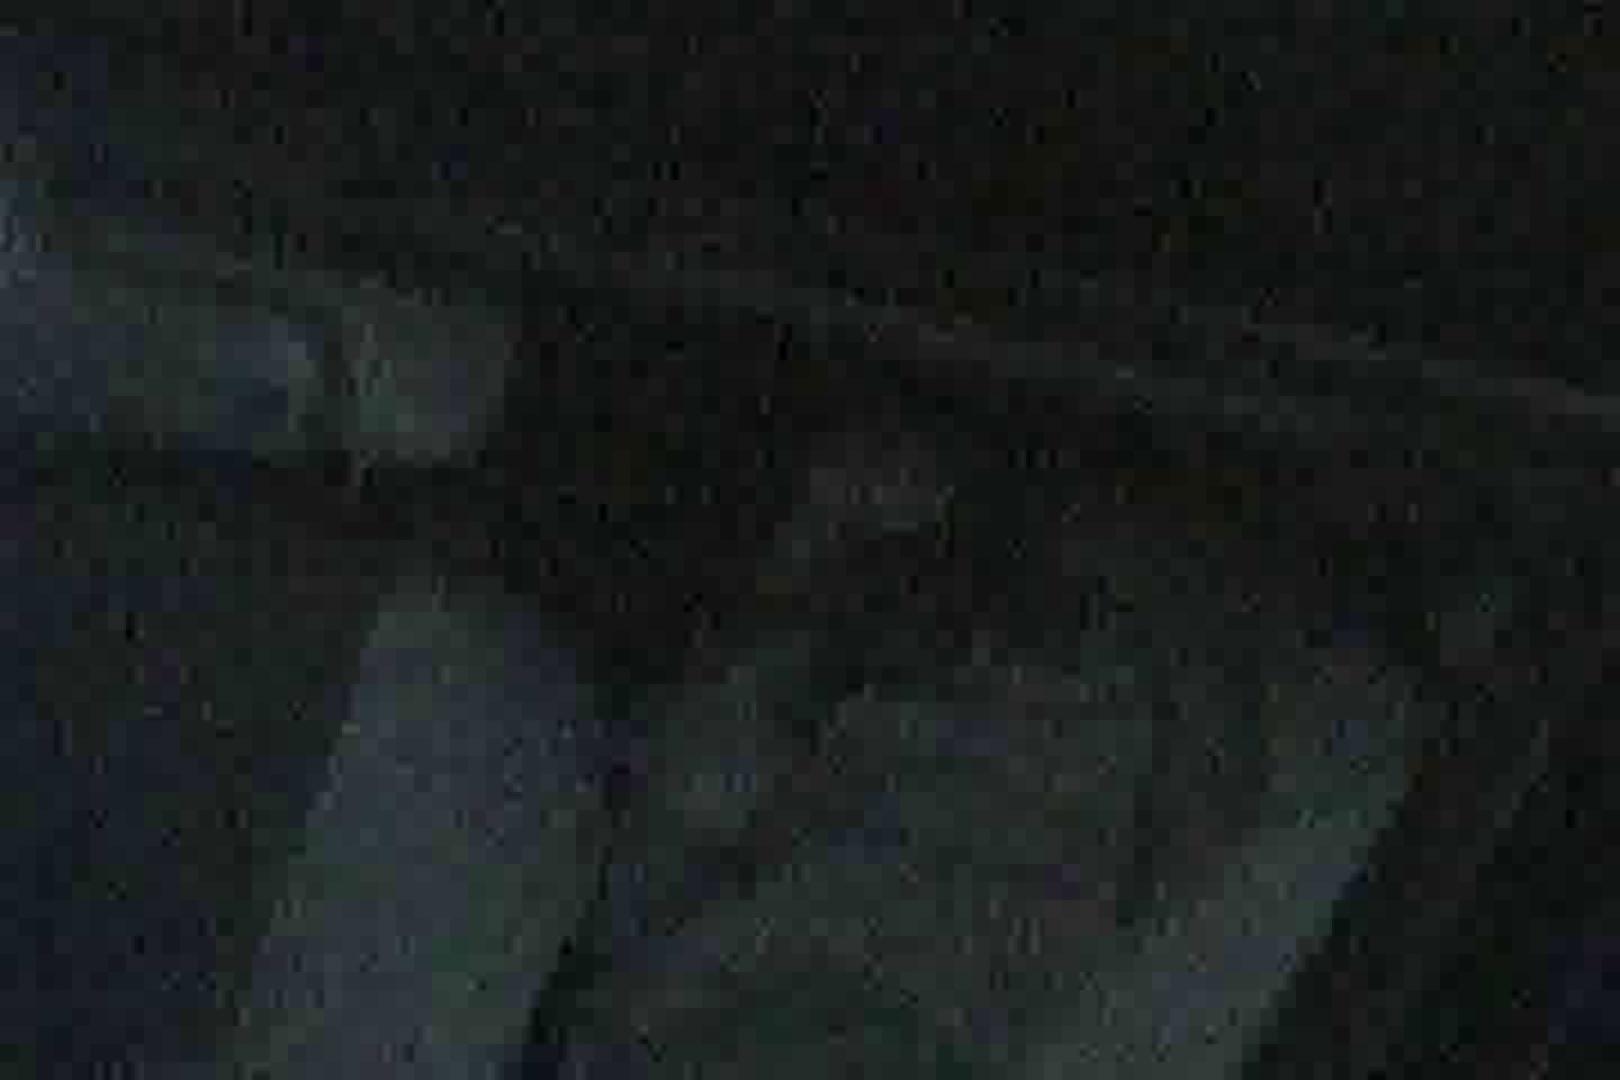 充血監督の深夜の運動会Vol.19 ギャル ヌード画像 89pic 18